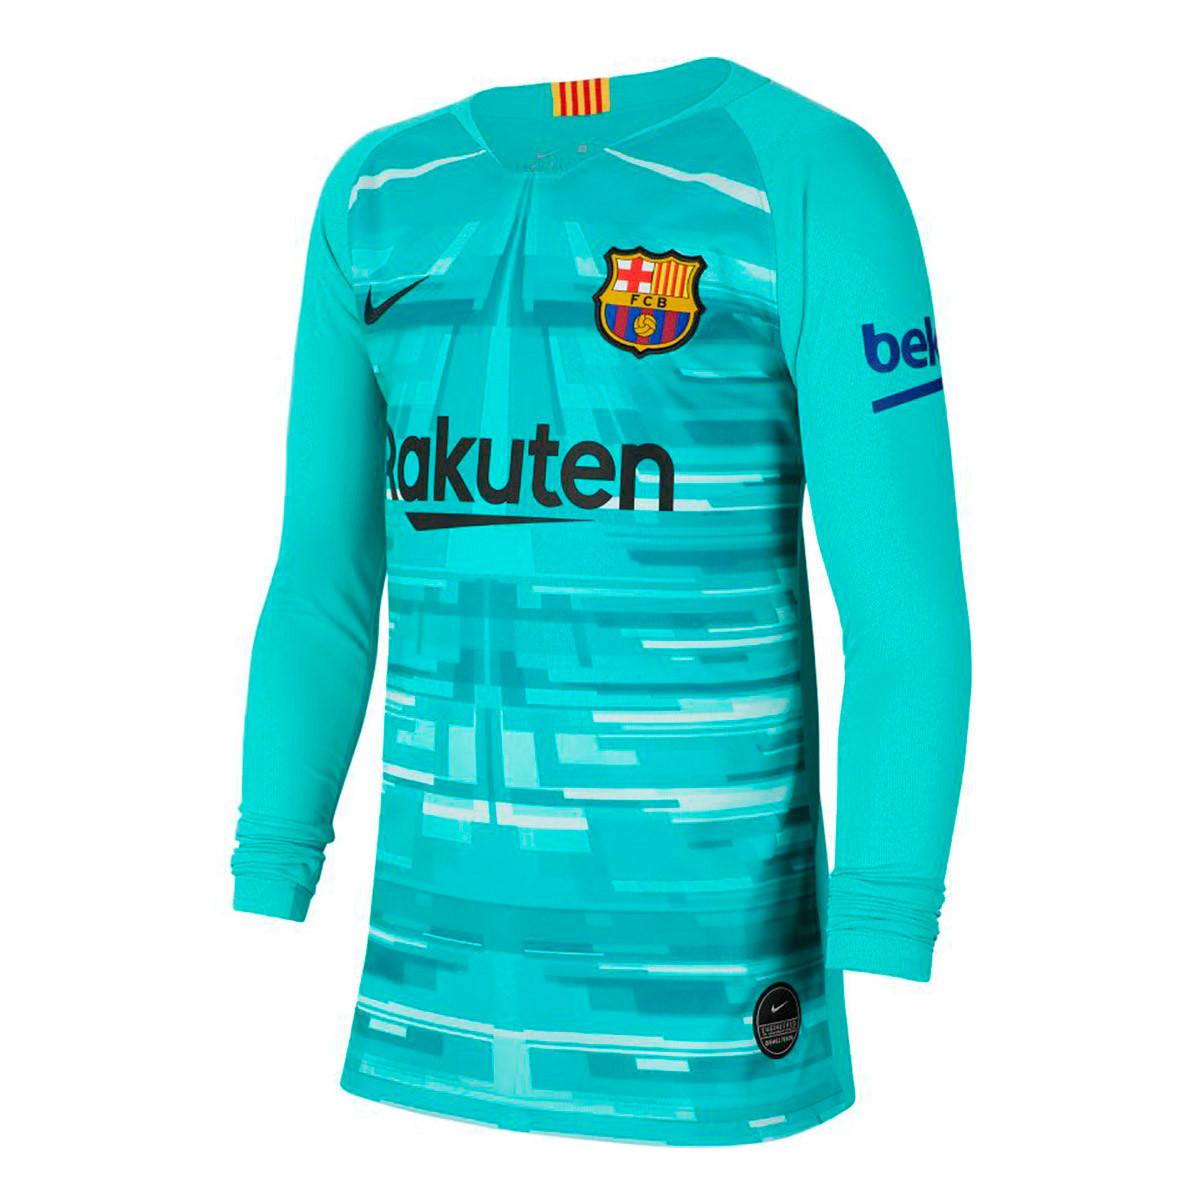 Cuaderno violación Autonomía  Camiseta Nike FC Barcelona Breathe Stadium Portero 2019-2020 Niño Hyper  jade-Black - Tienda de fútbol Fútbol Emotion